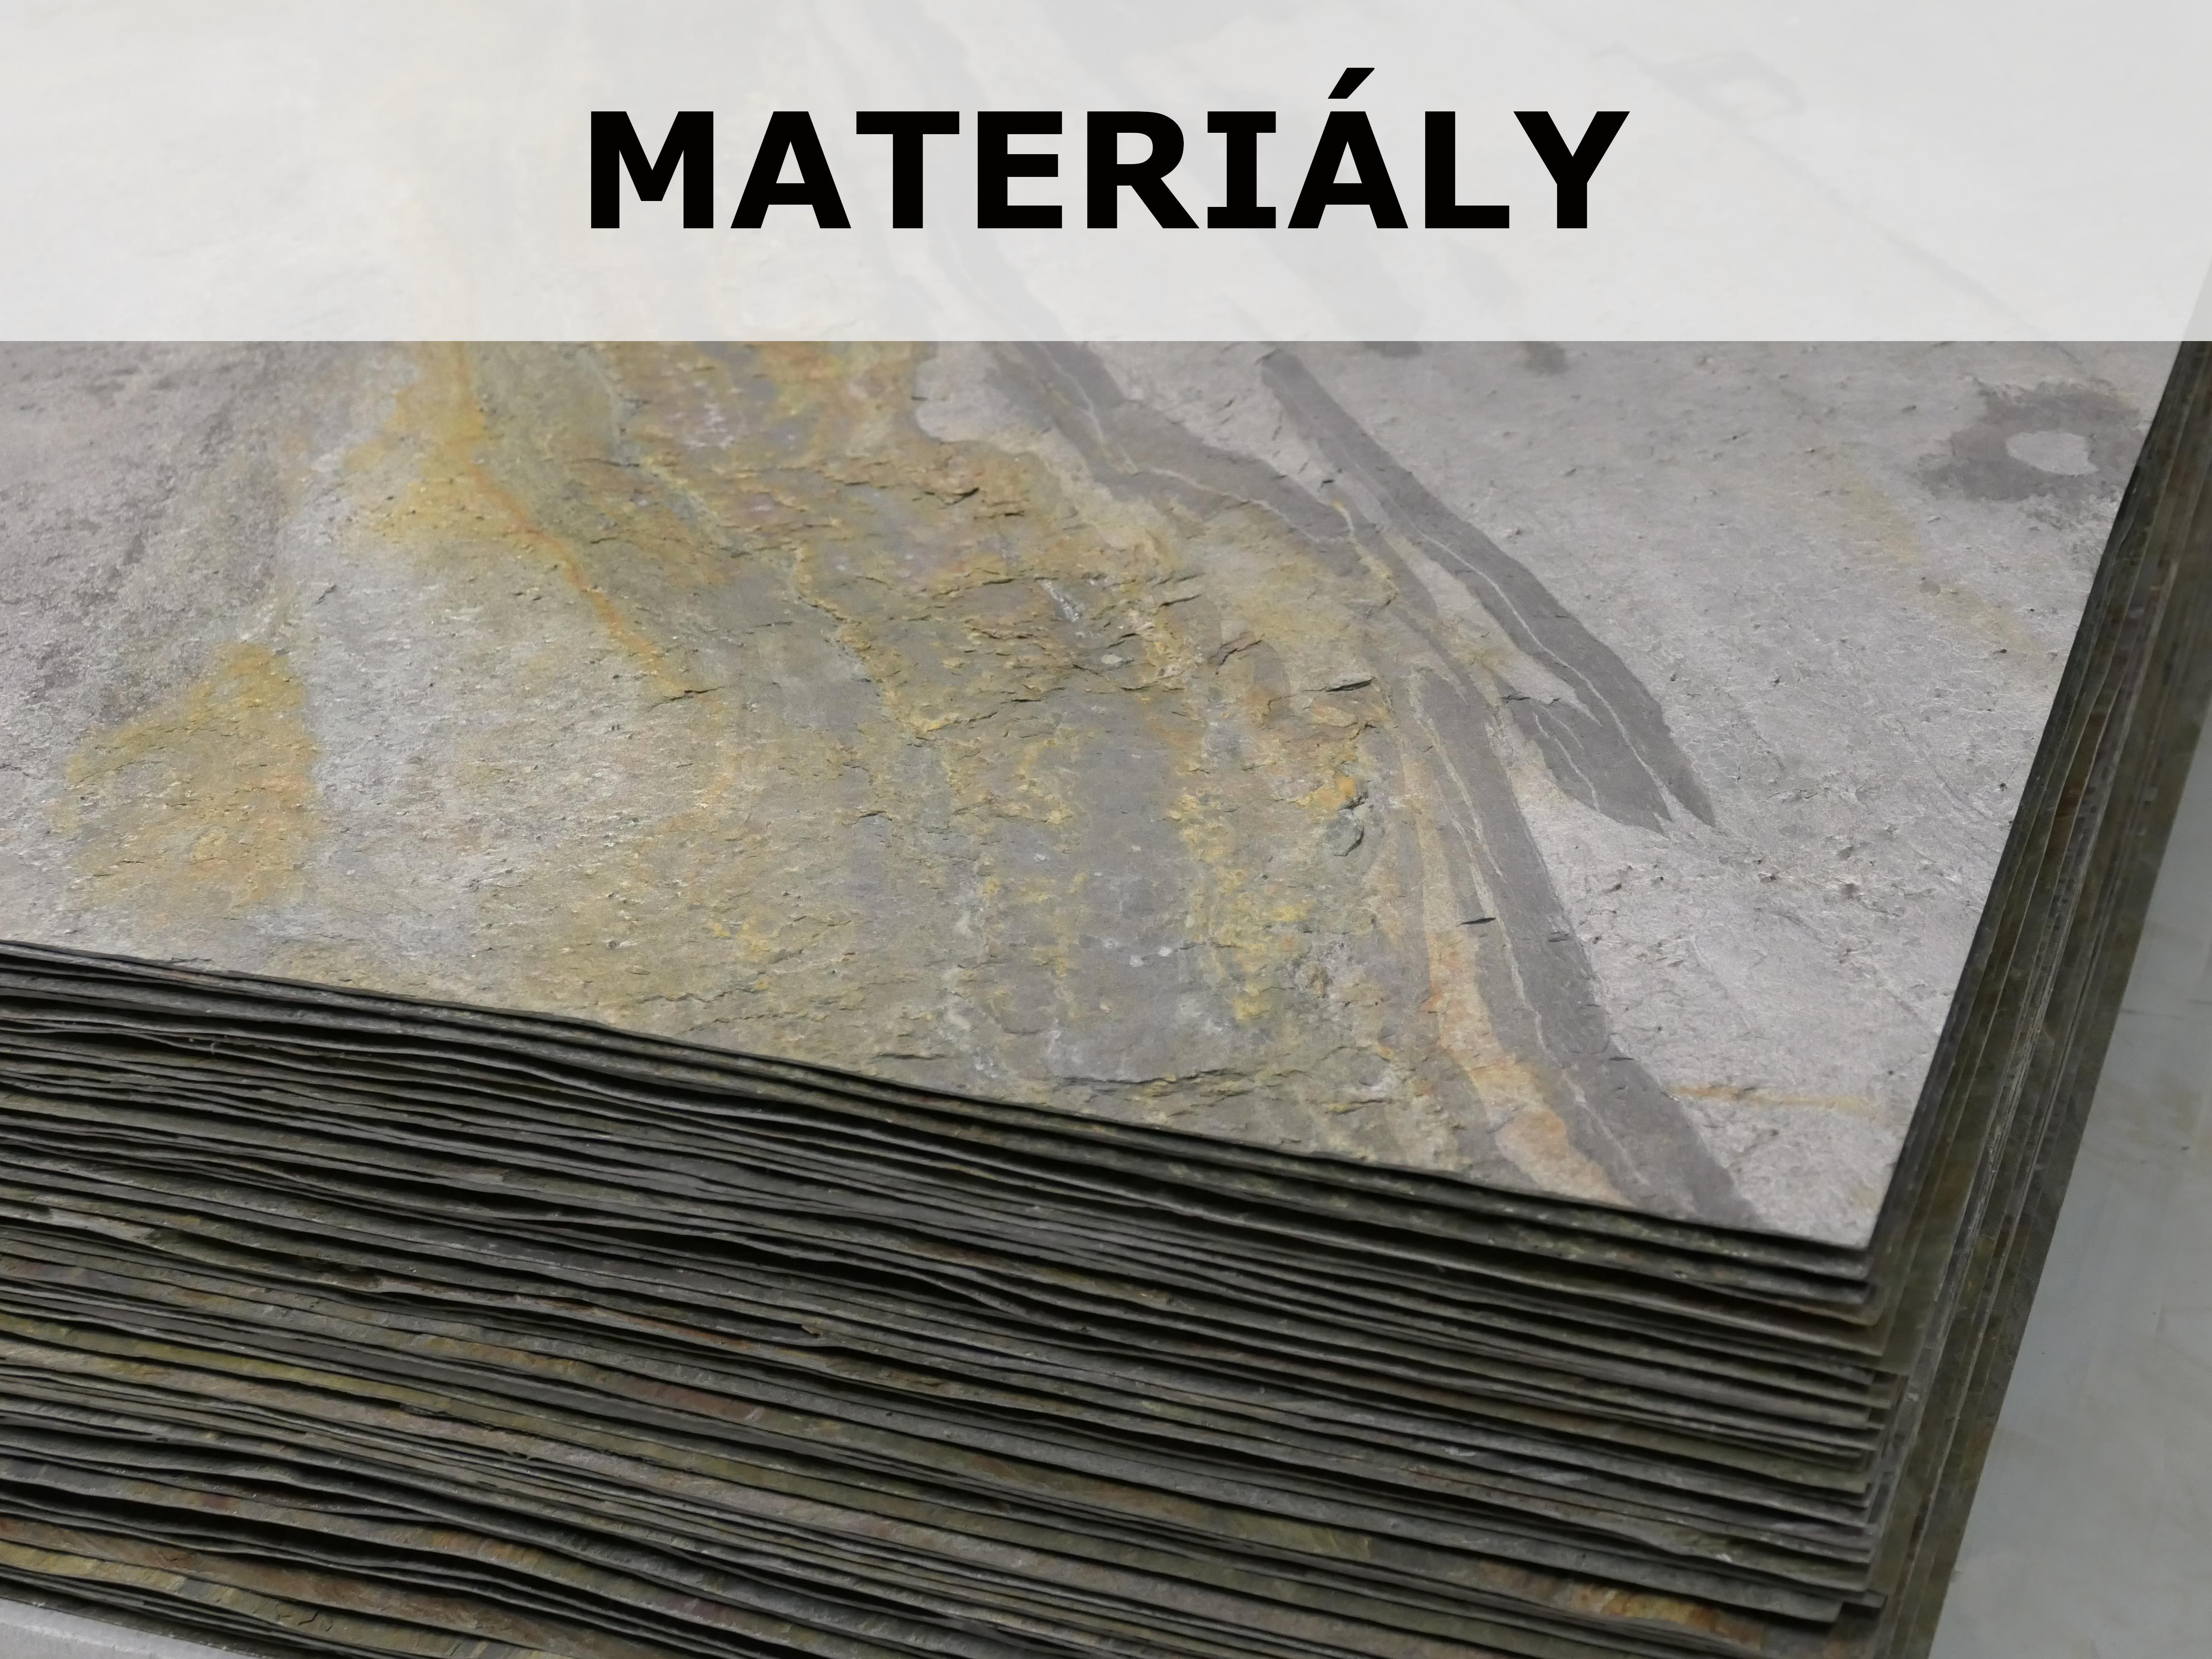 materiály1